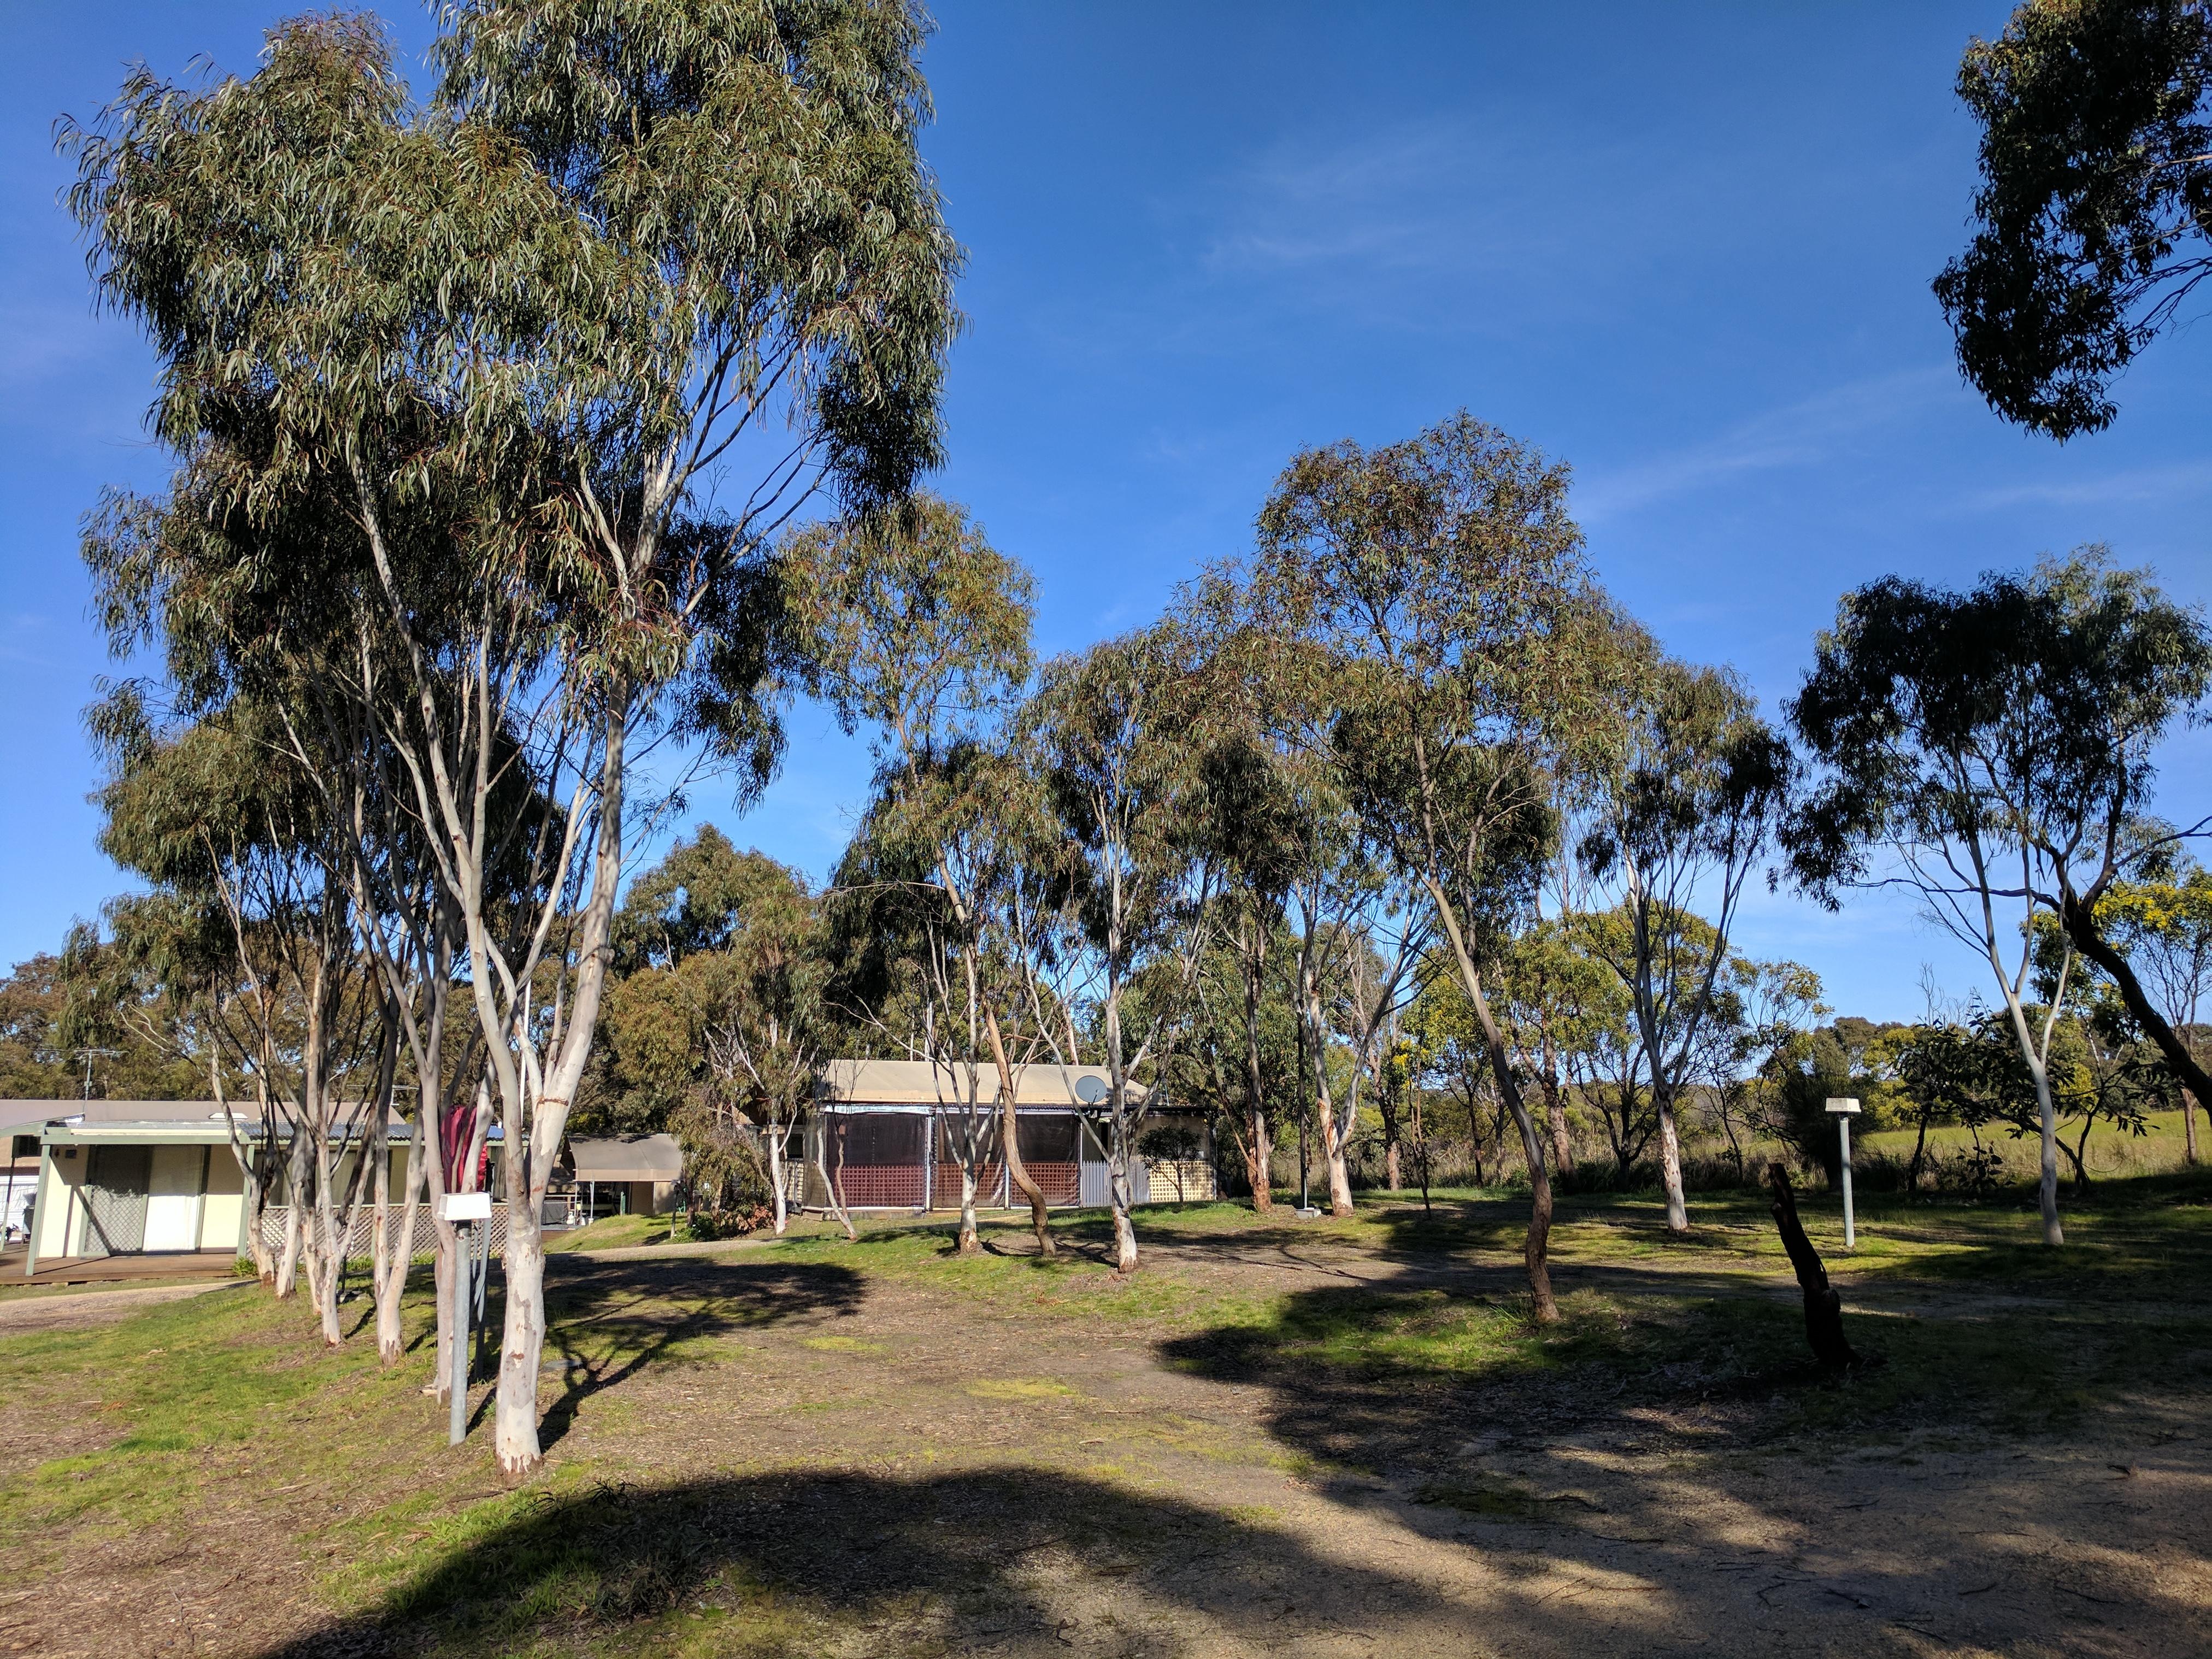 Jan Juc Caravan Park